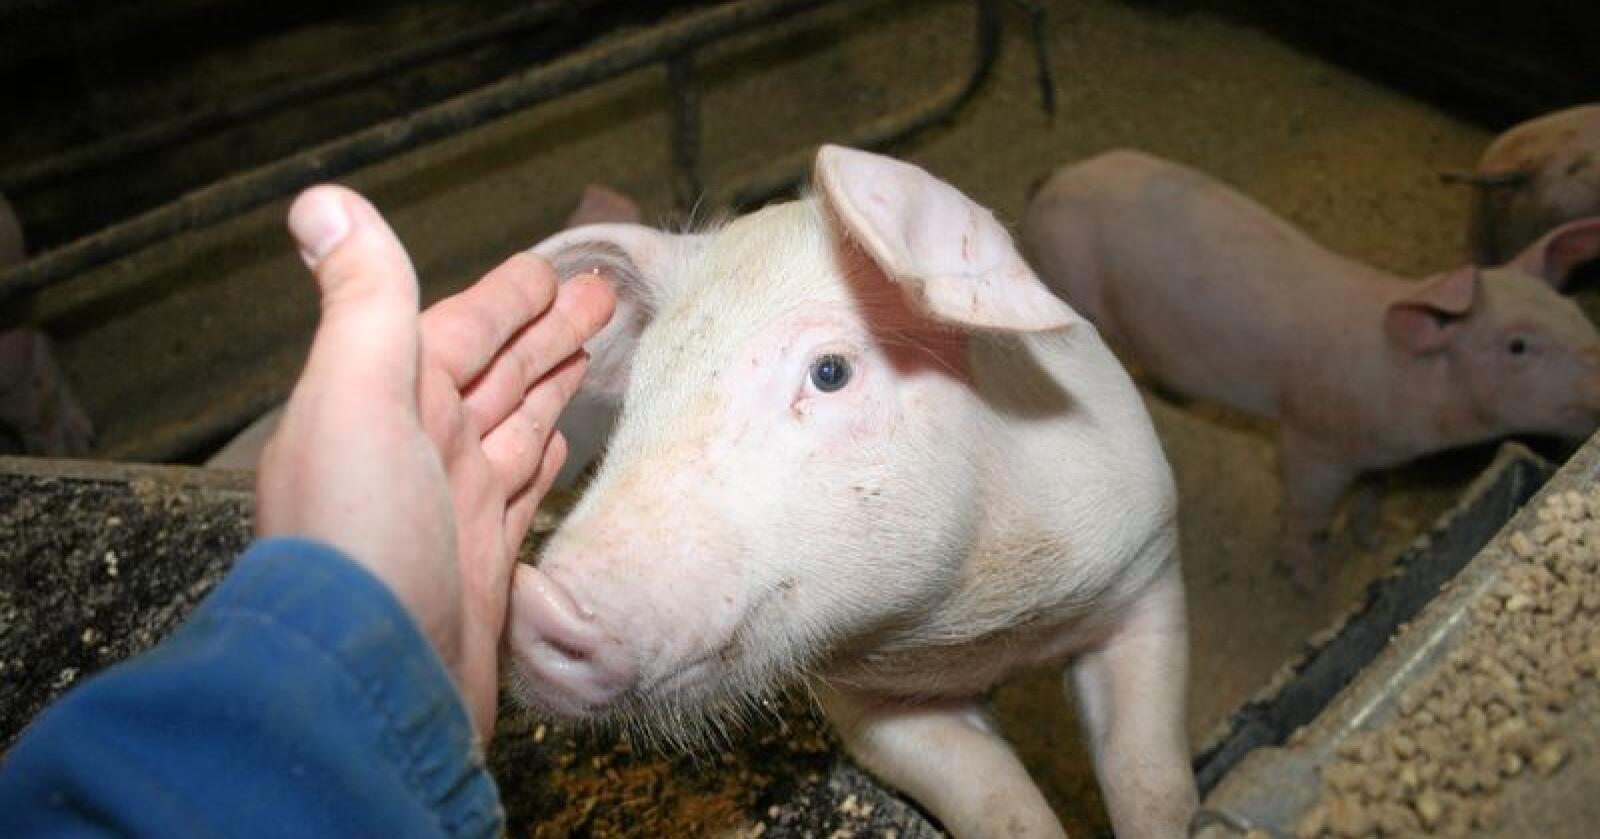 Dyrevelferd: Svært mange svineprodusenter har meldt seg inn i Dyrevelferdsprogrammet, og 1. januar skal alle være med. Foto: Bjarne Bekkeheien Aase.